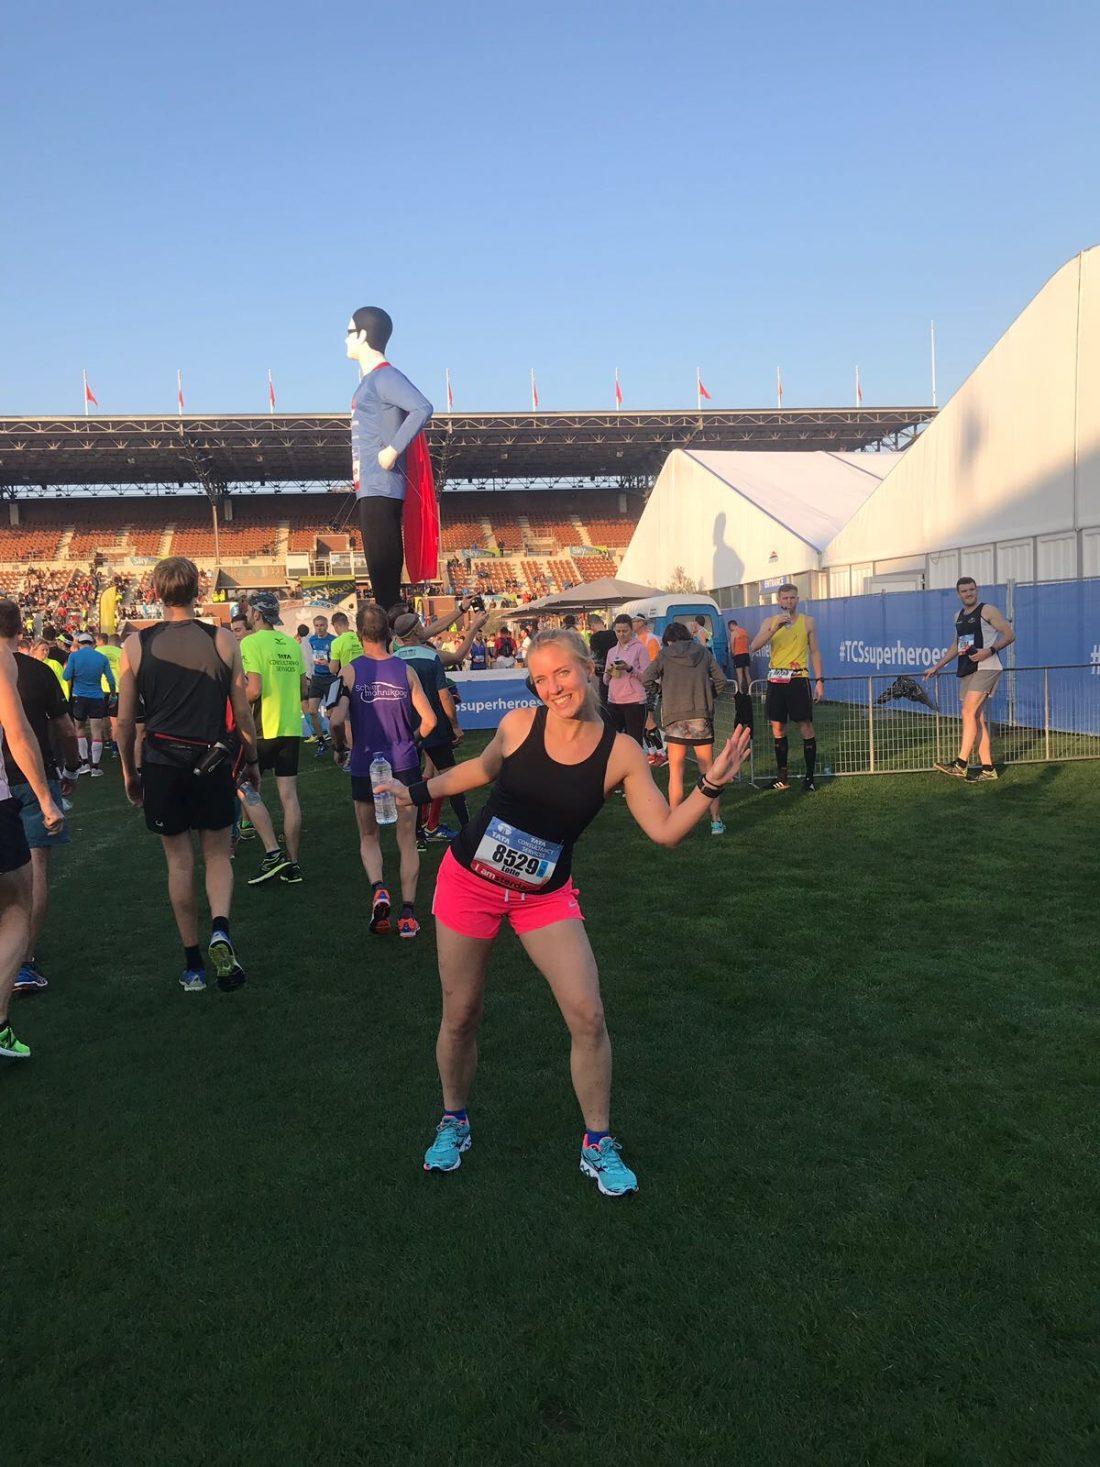 TCS amsterdam Marathon - in het olympisch stadion